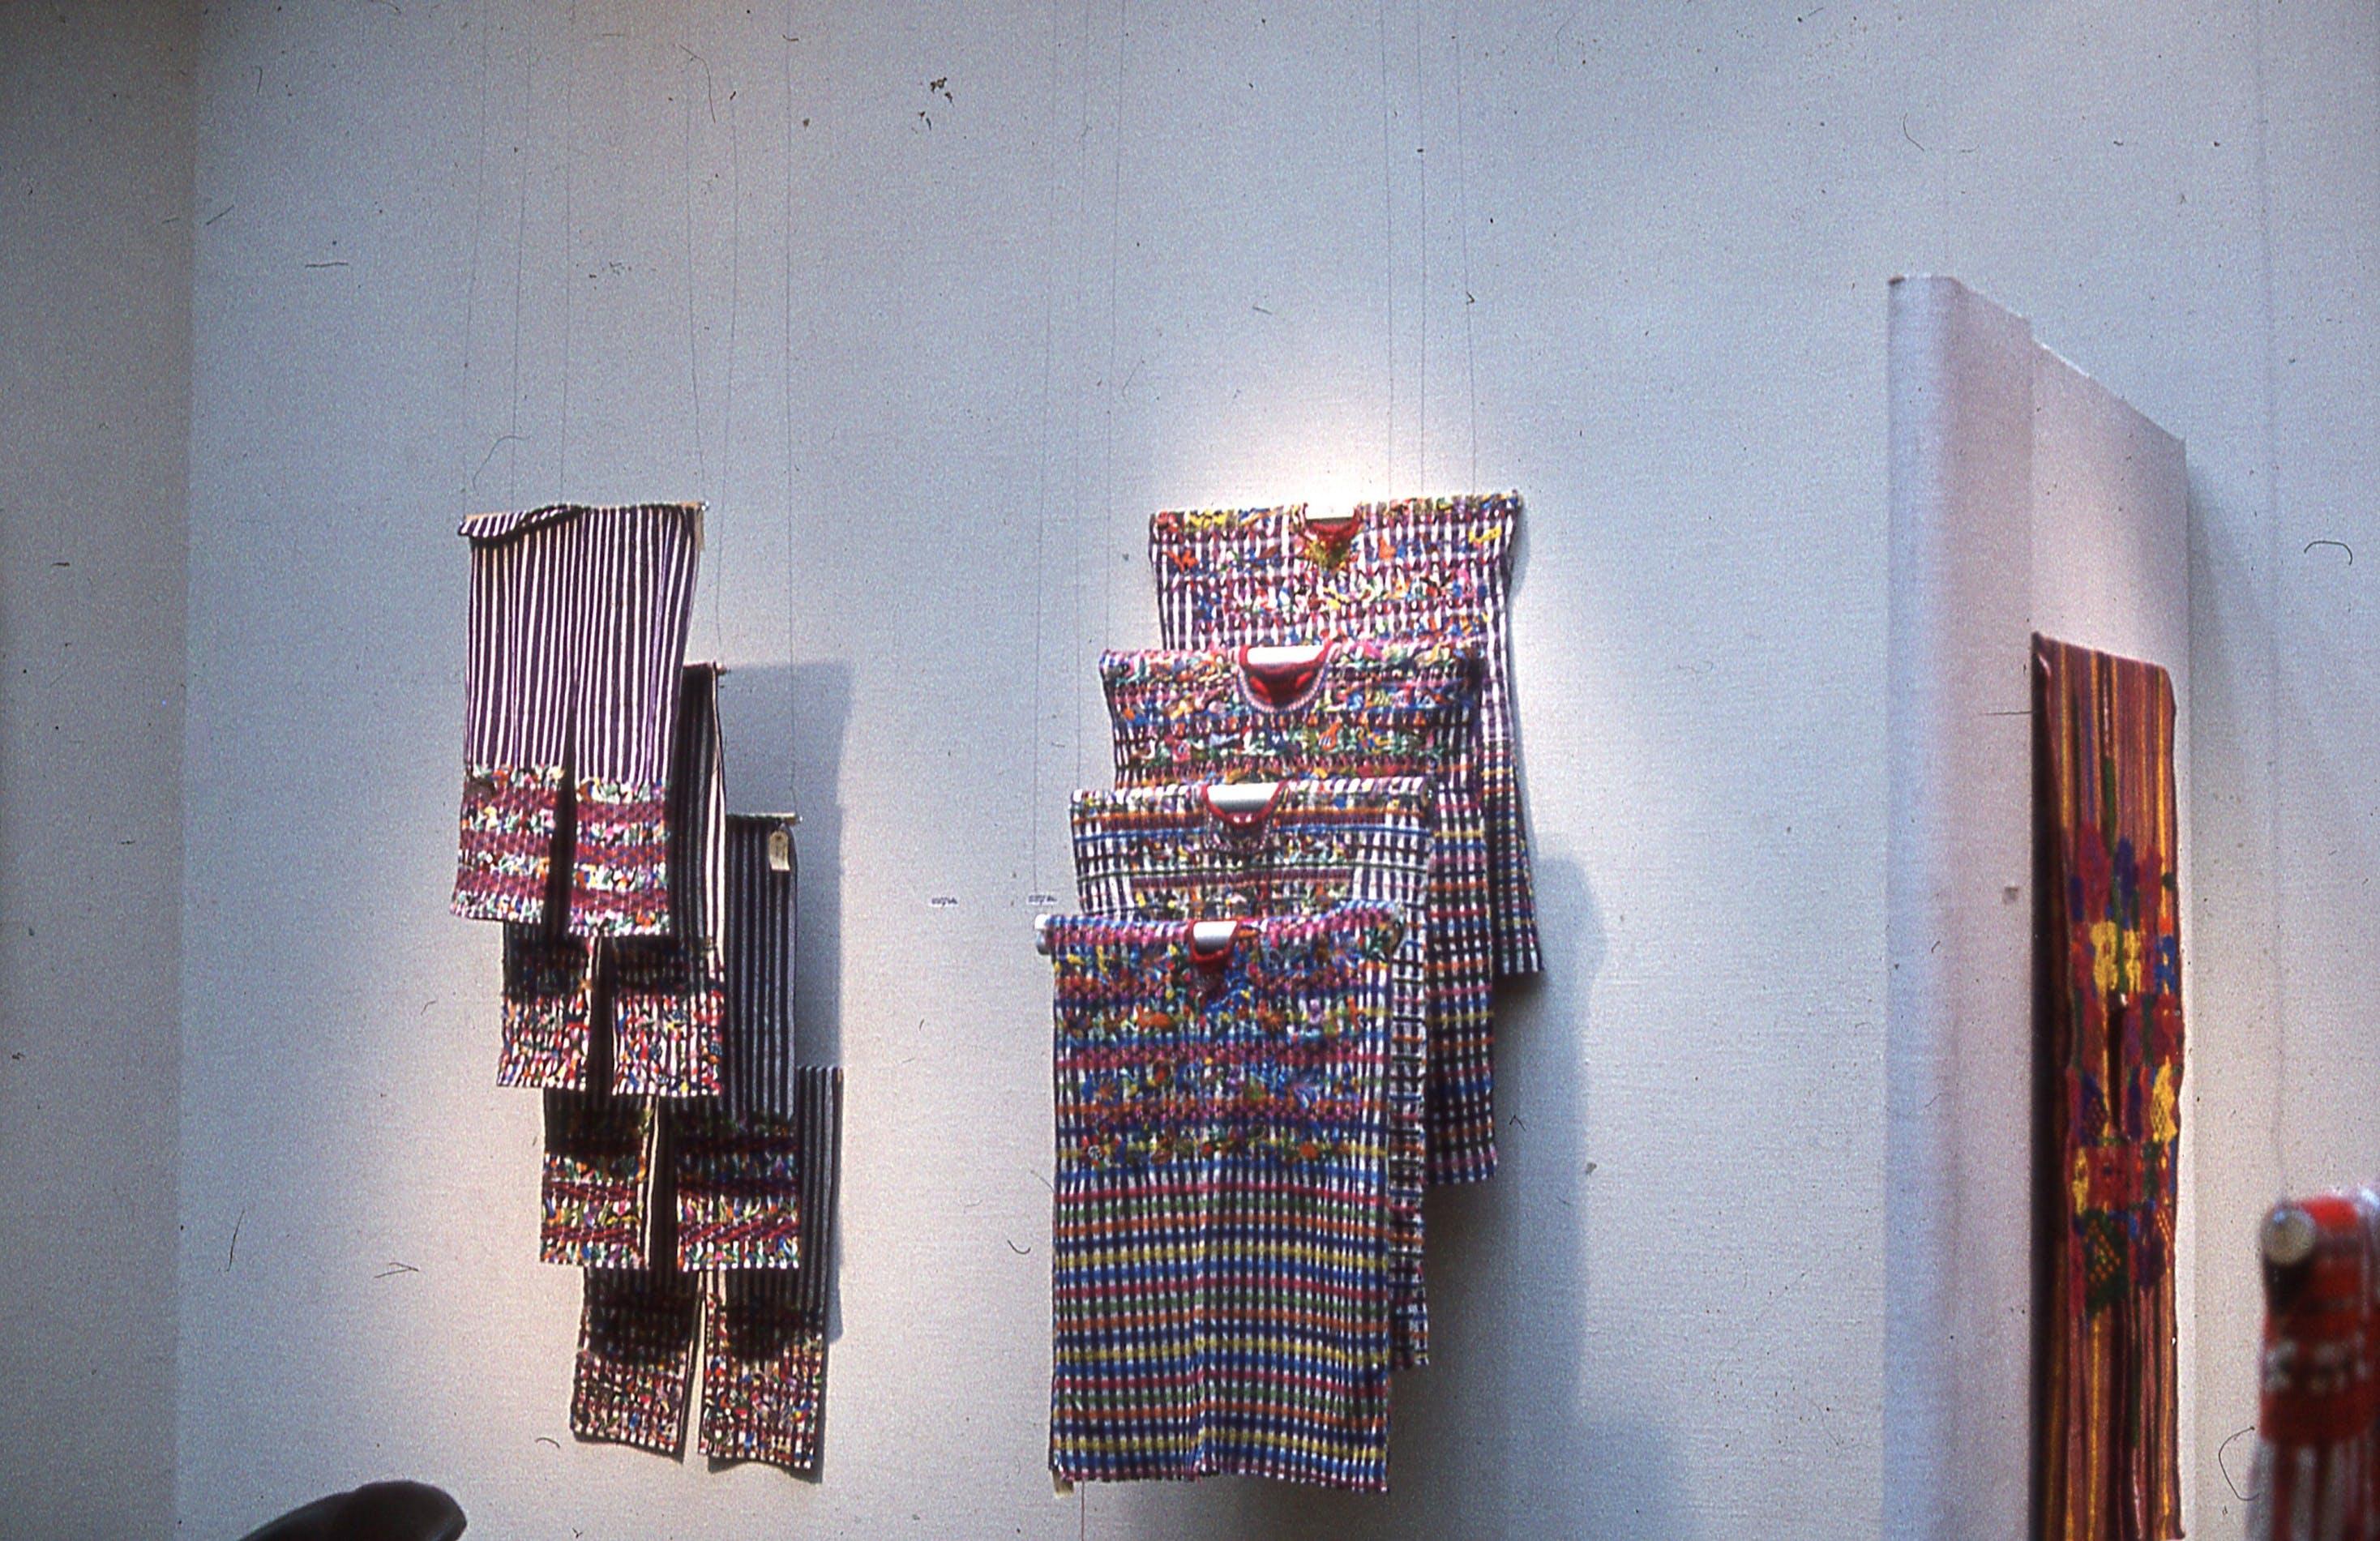 Tekstilerguatemala013